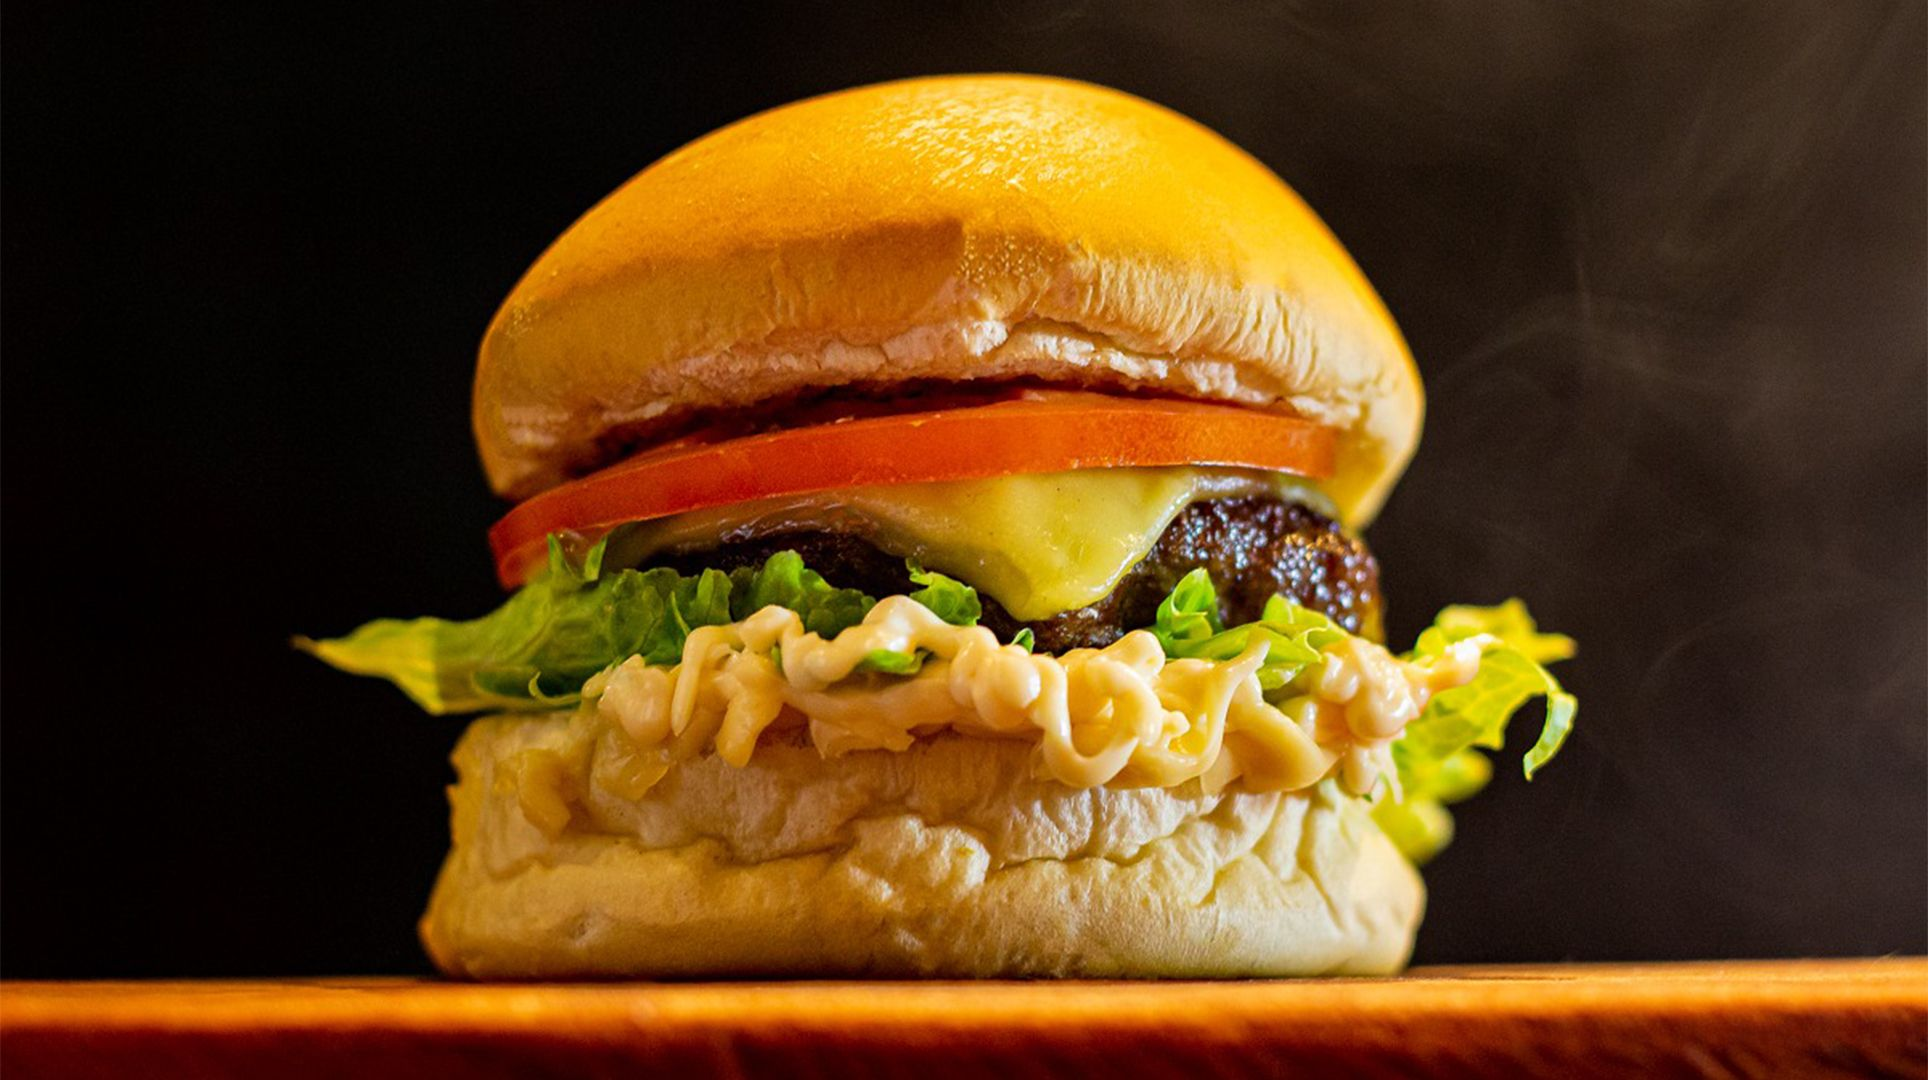 Pão brioche, maionese especial, alface americana, burger de angus - 160 g antes de ir para a grelha -, tomate chapeado e queijo mussarela